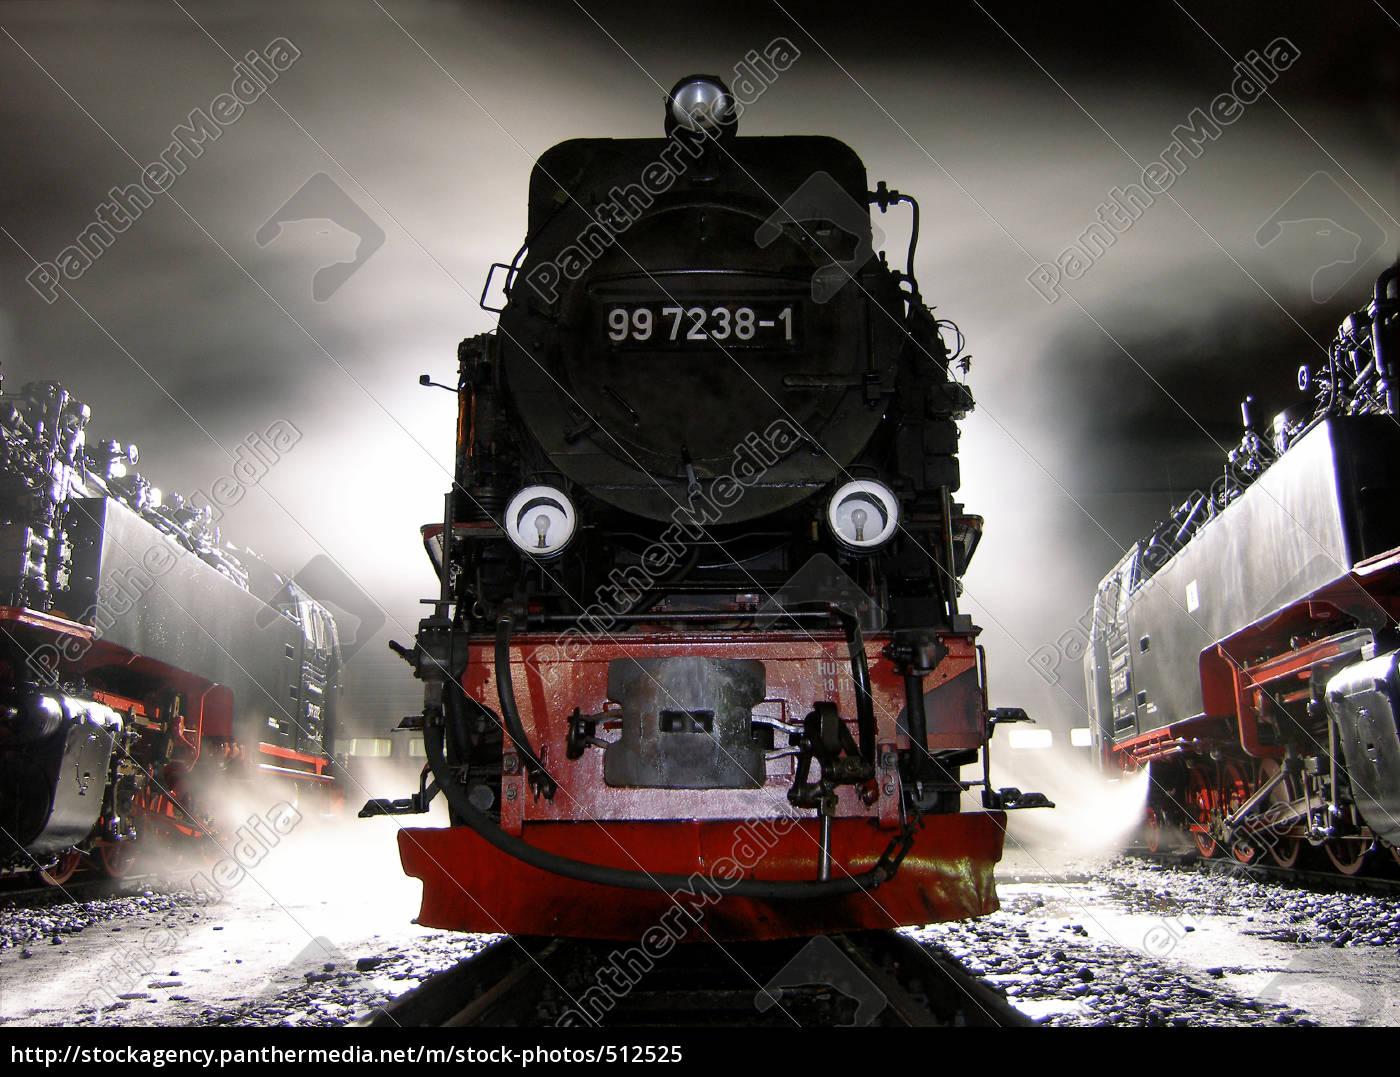 under, steam, ... - 512525